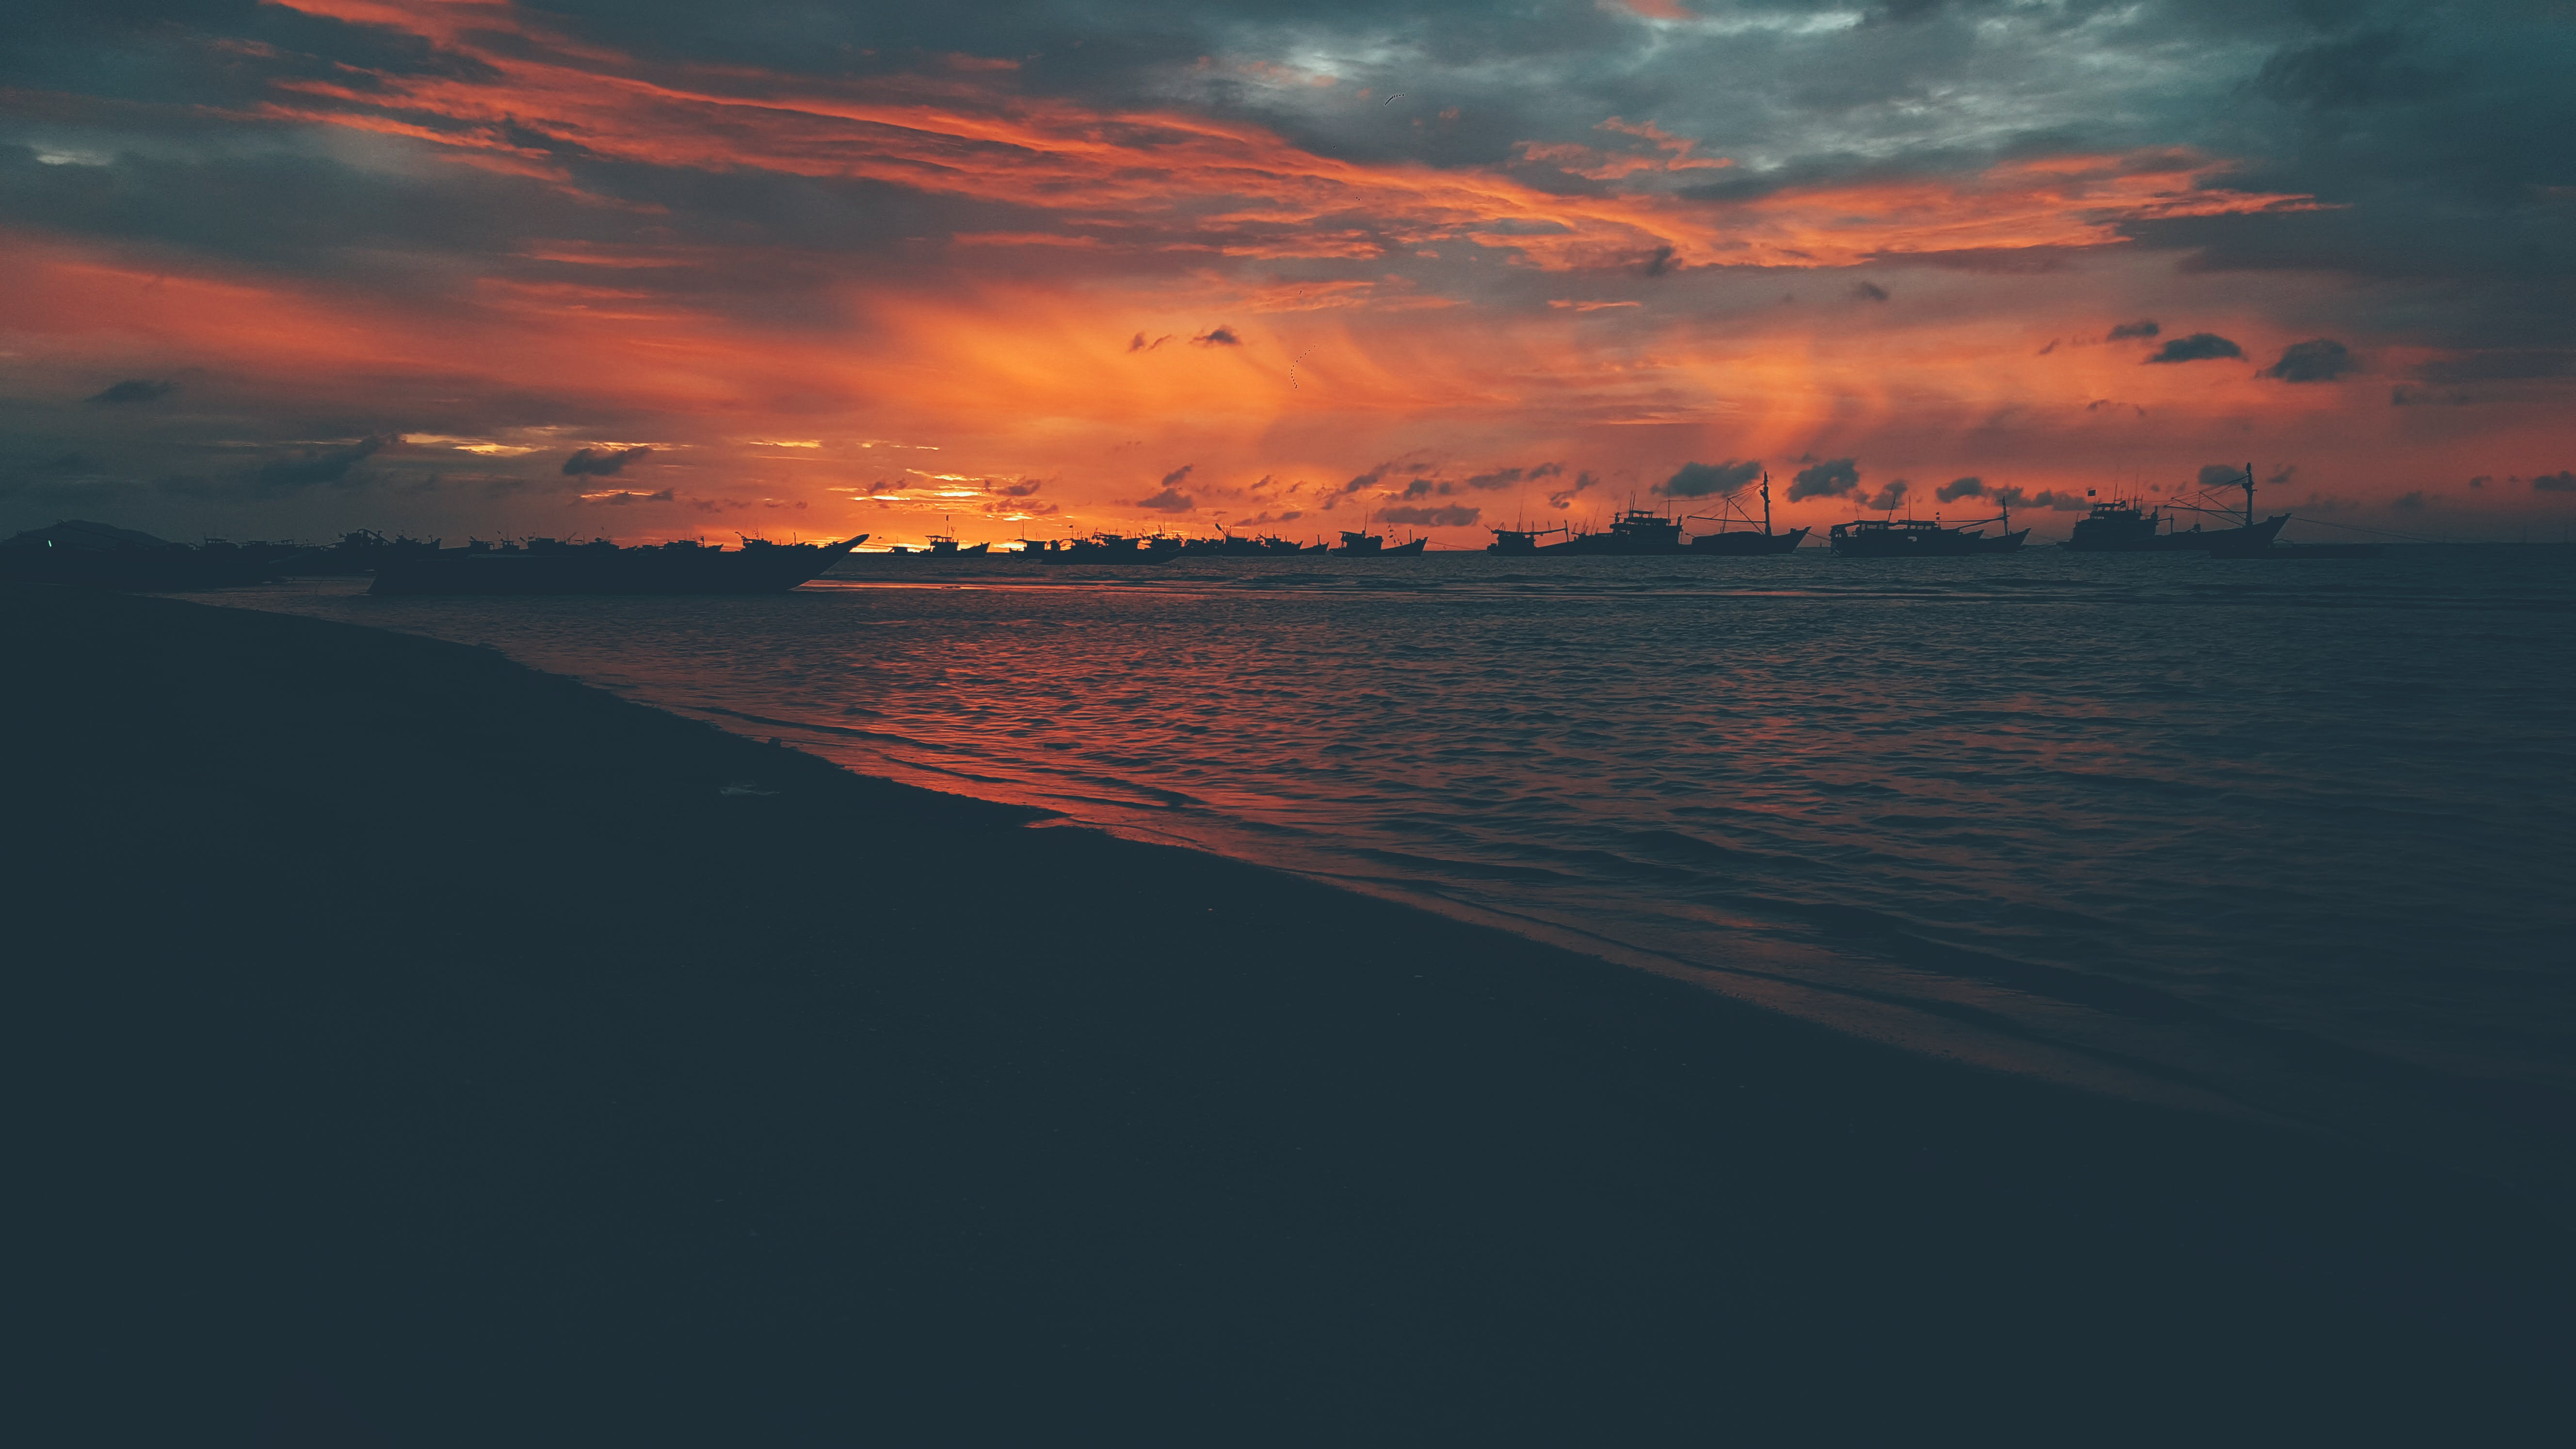 Základová fotografie zdarma na téma moře, oceán, oranžová obloha, pláž